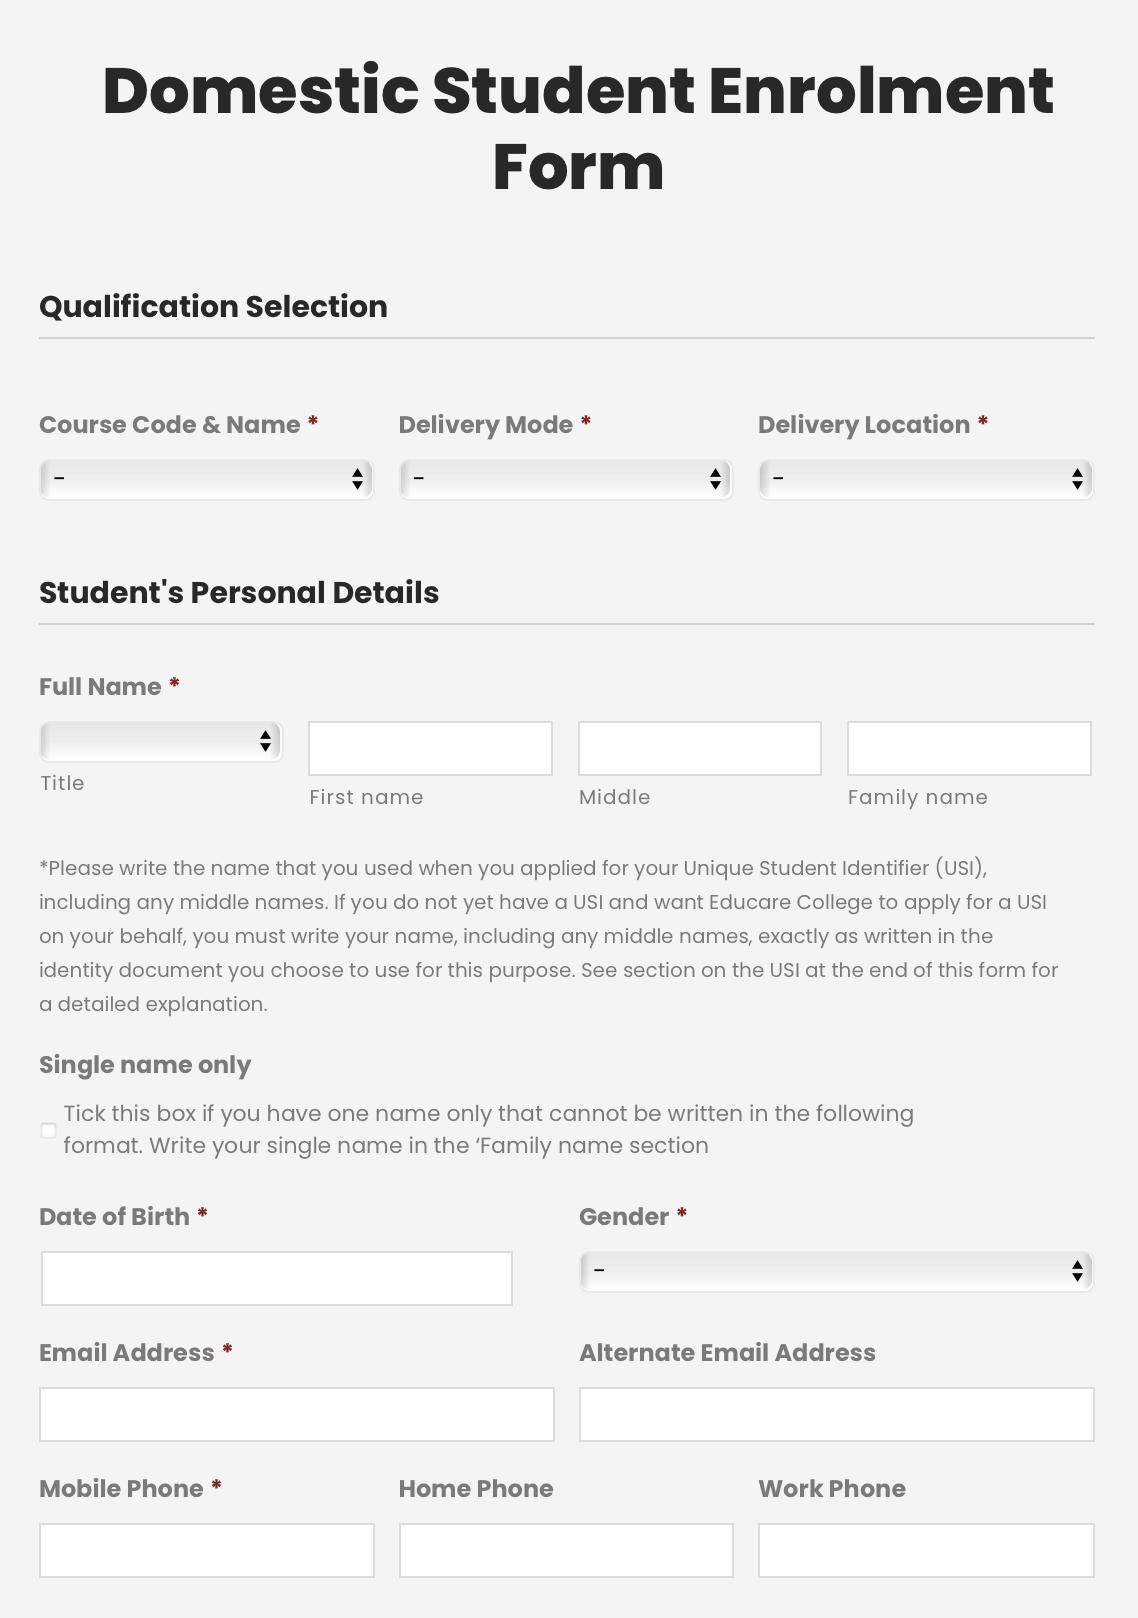 domestic enrollment form